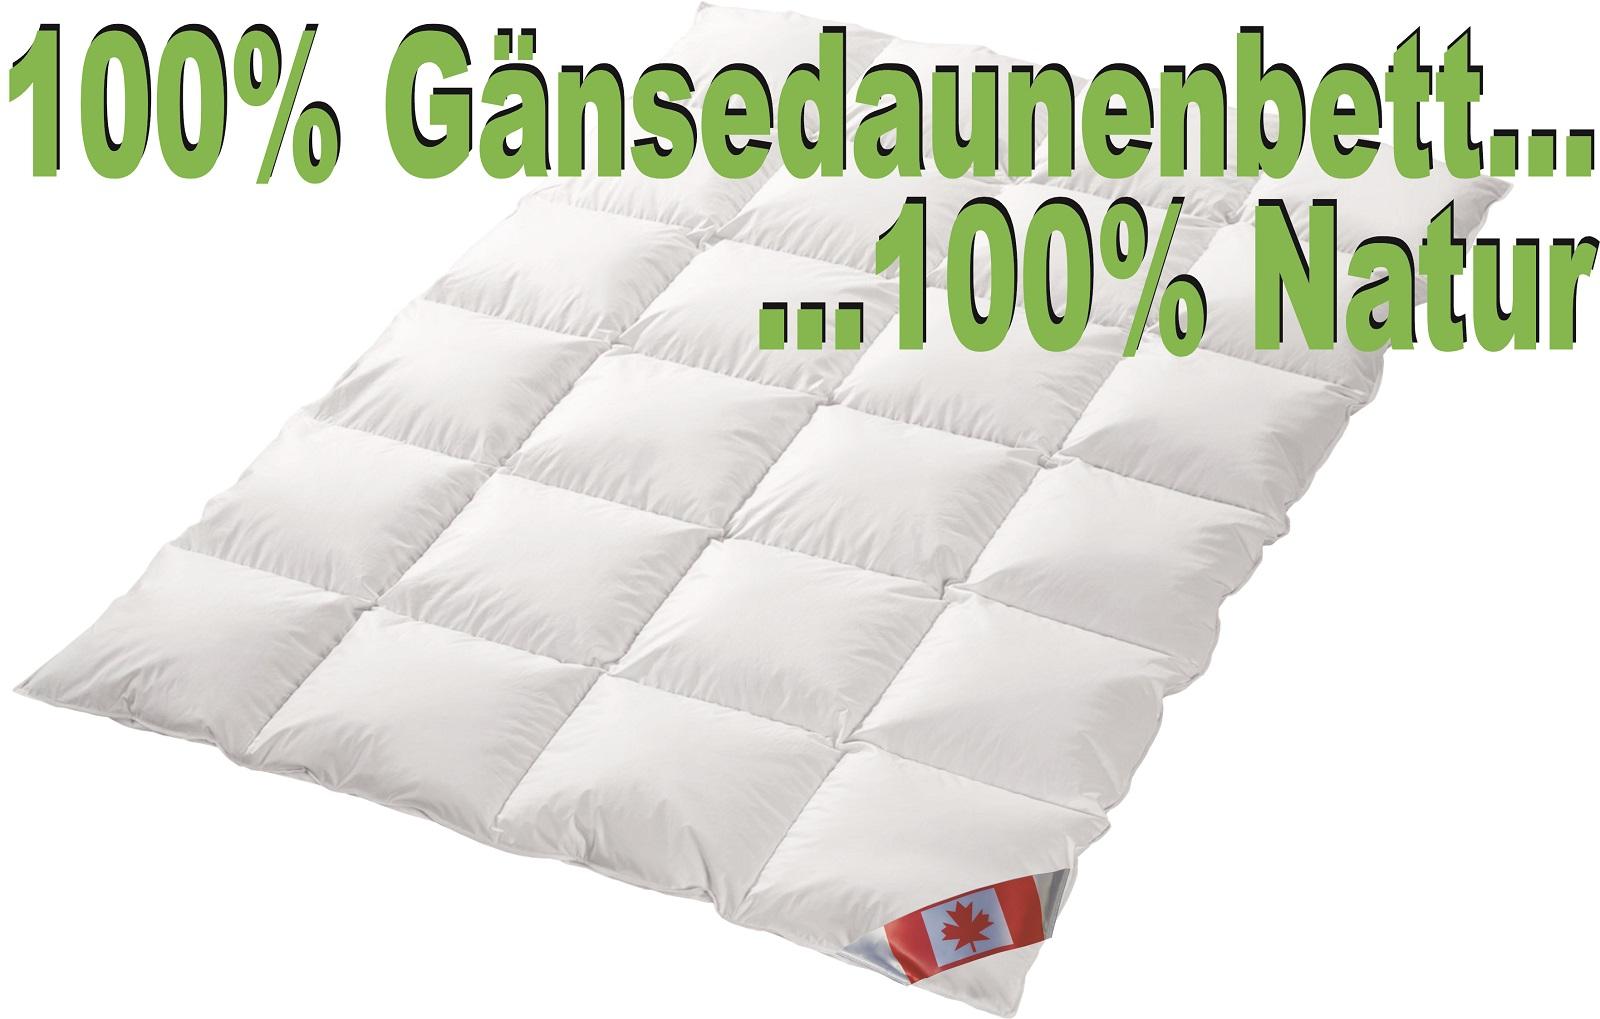 Polaris Premium Winterdecke extra warm 100% Gänsedaune Hochsteg 155x220